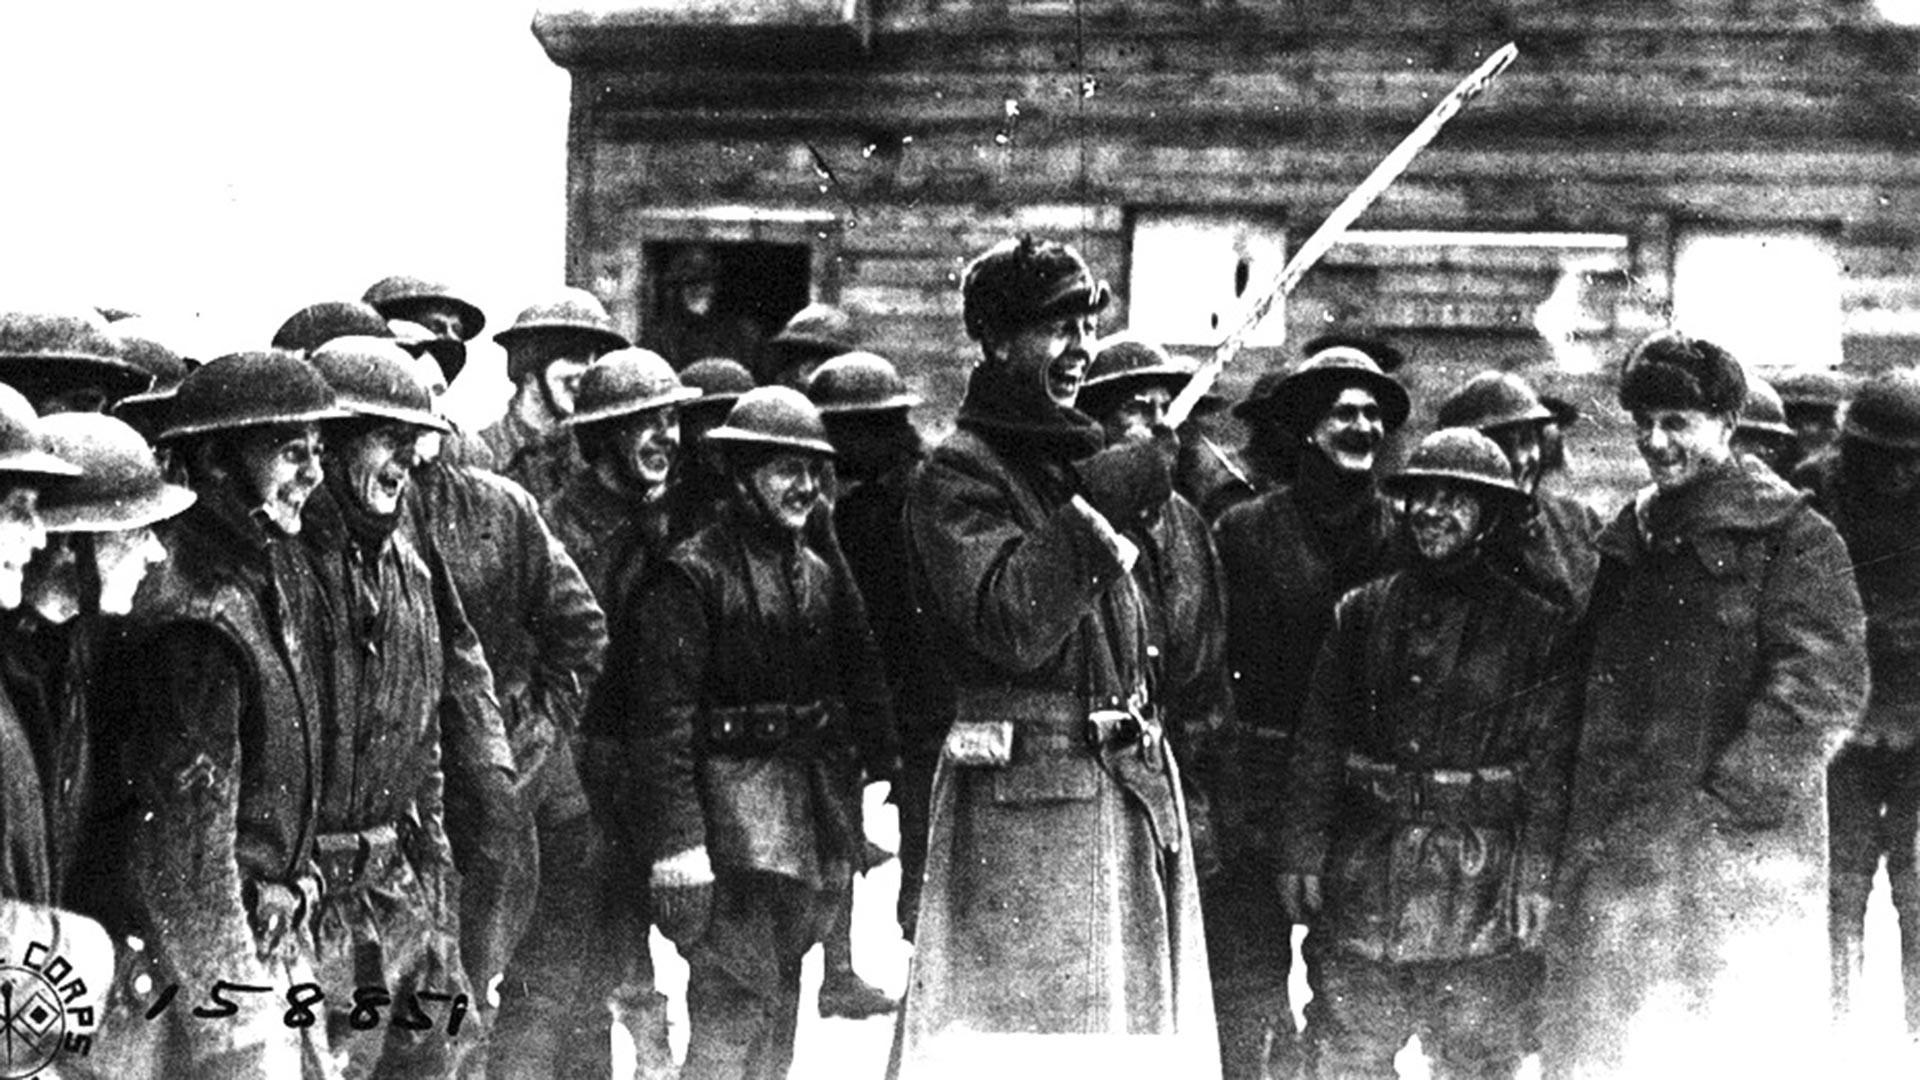 Un capitaine américain avec une chachka (sabre cosaque), trophée d'un combat contre des bolcheviks